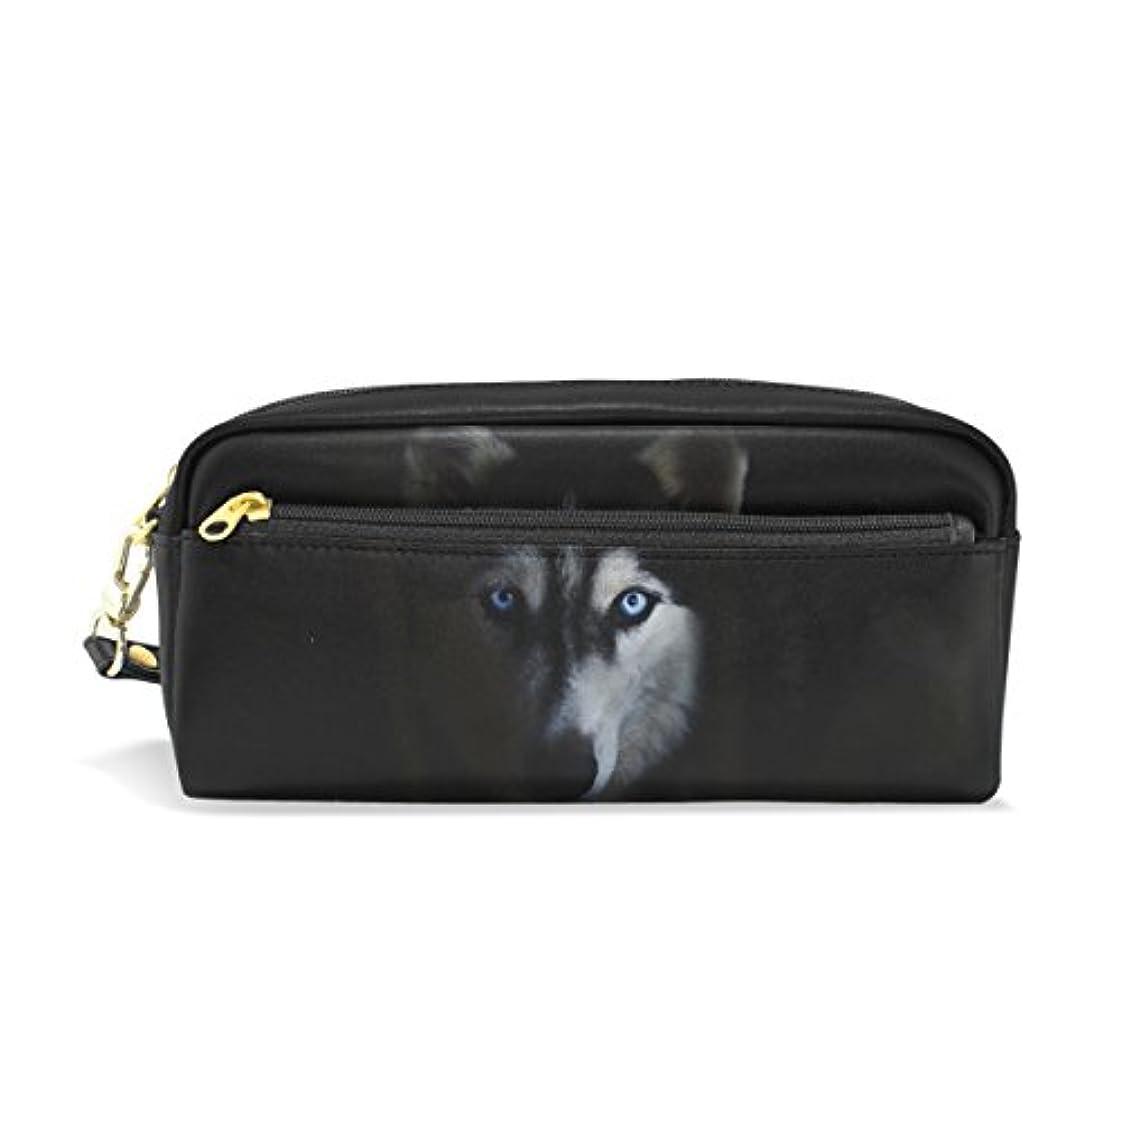 論争的高尚ながんばり続けるAOMOKI ペンケース 化粧ポーチ 小物入り 多機能バッグ レディース ハスキー かっこいい 犬